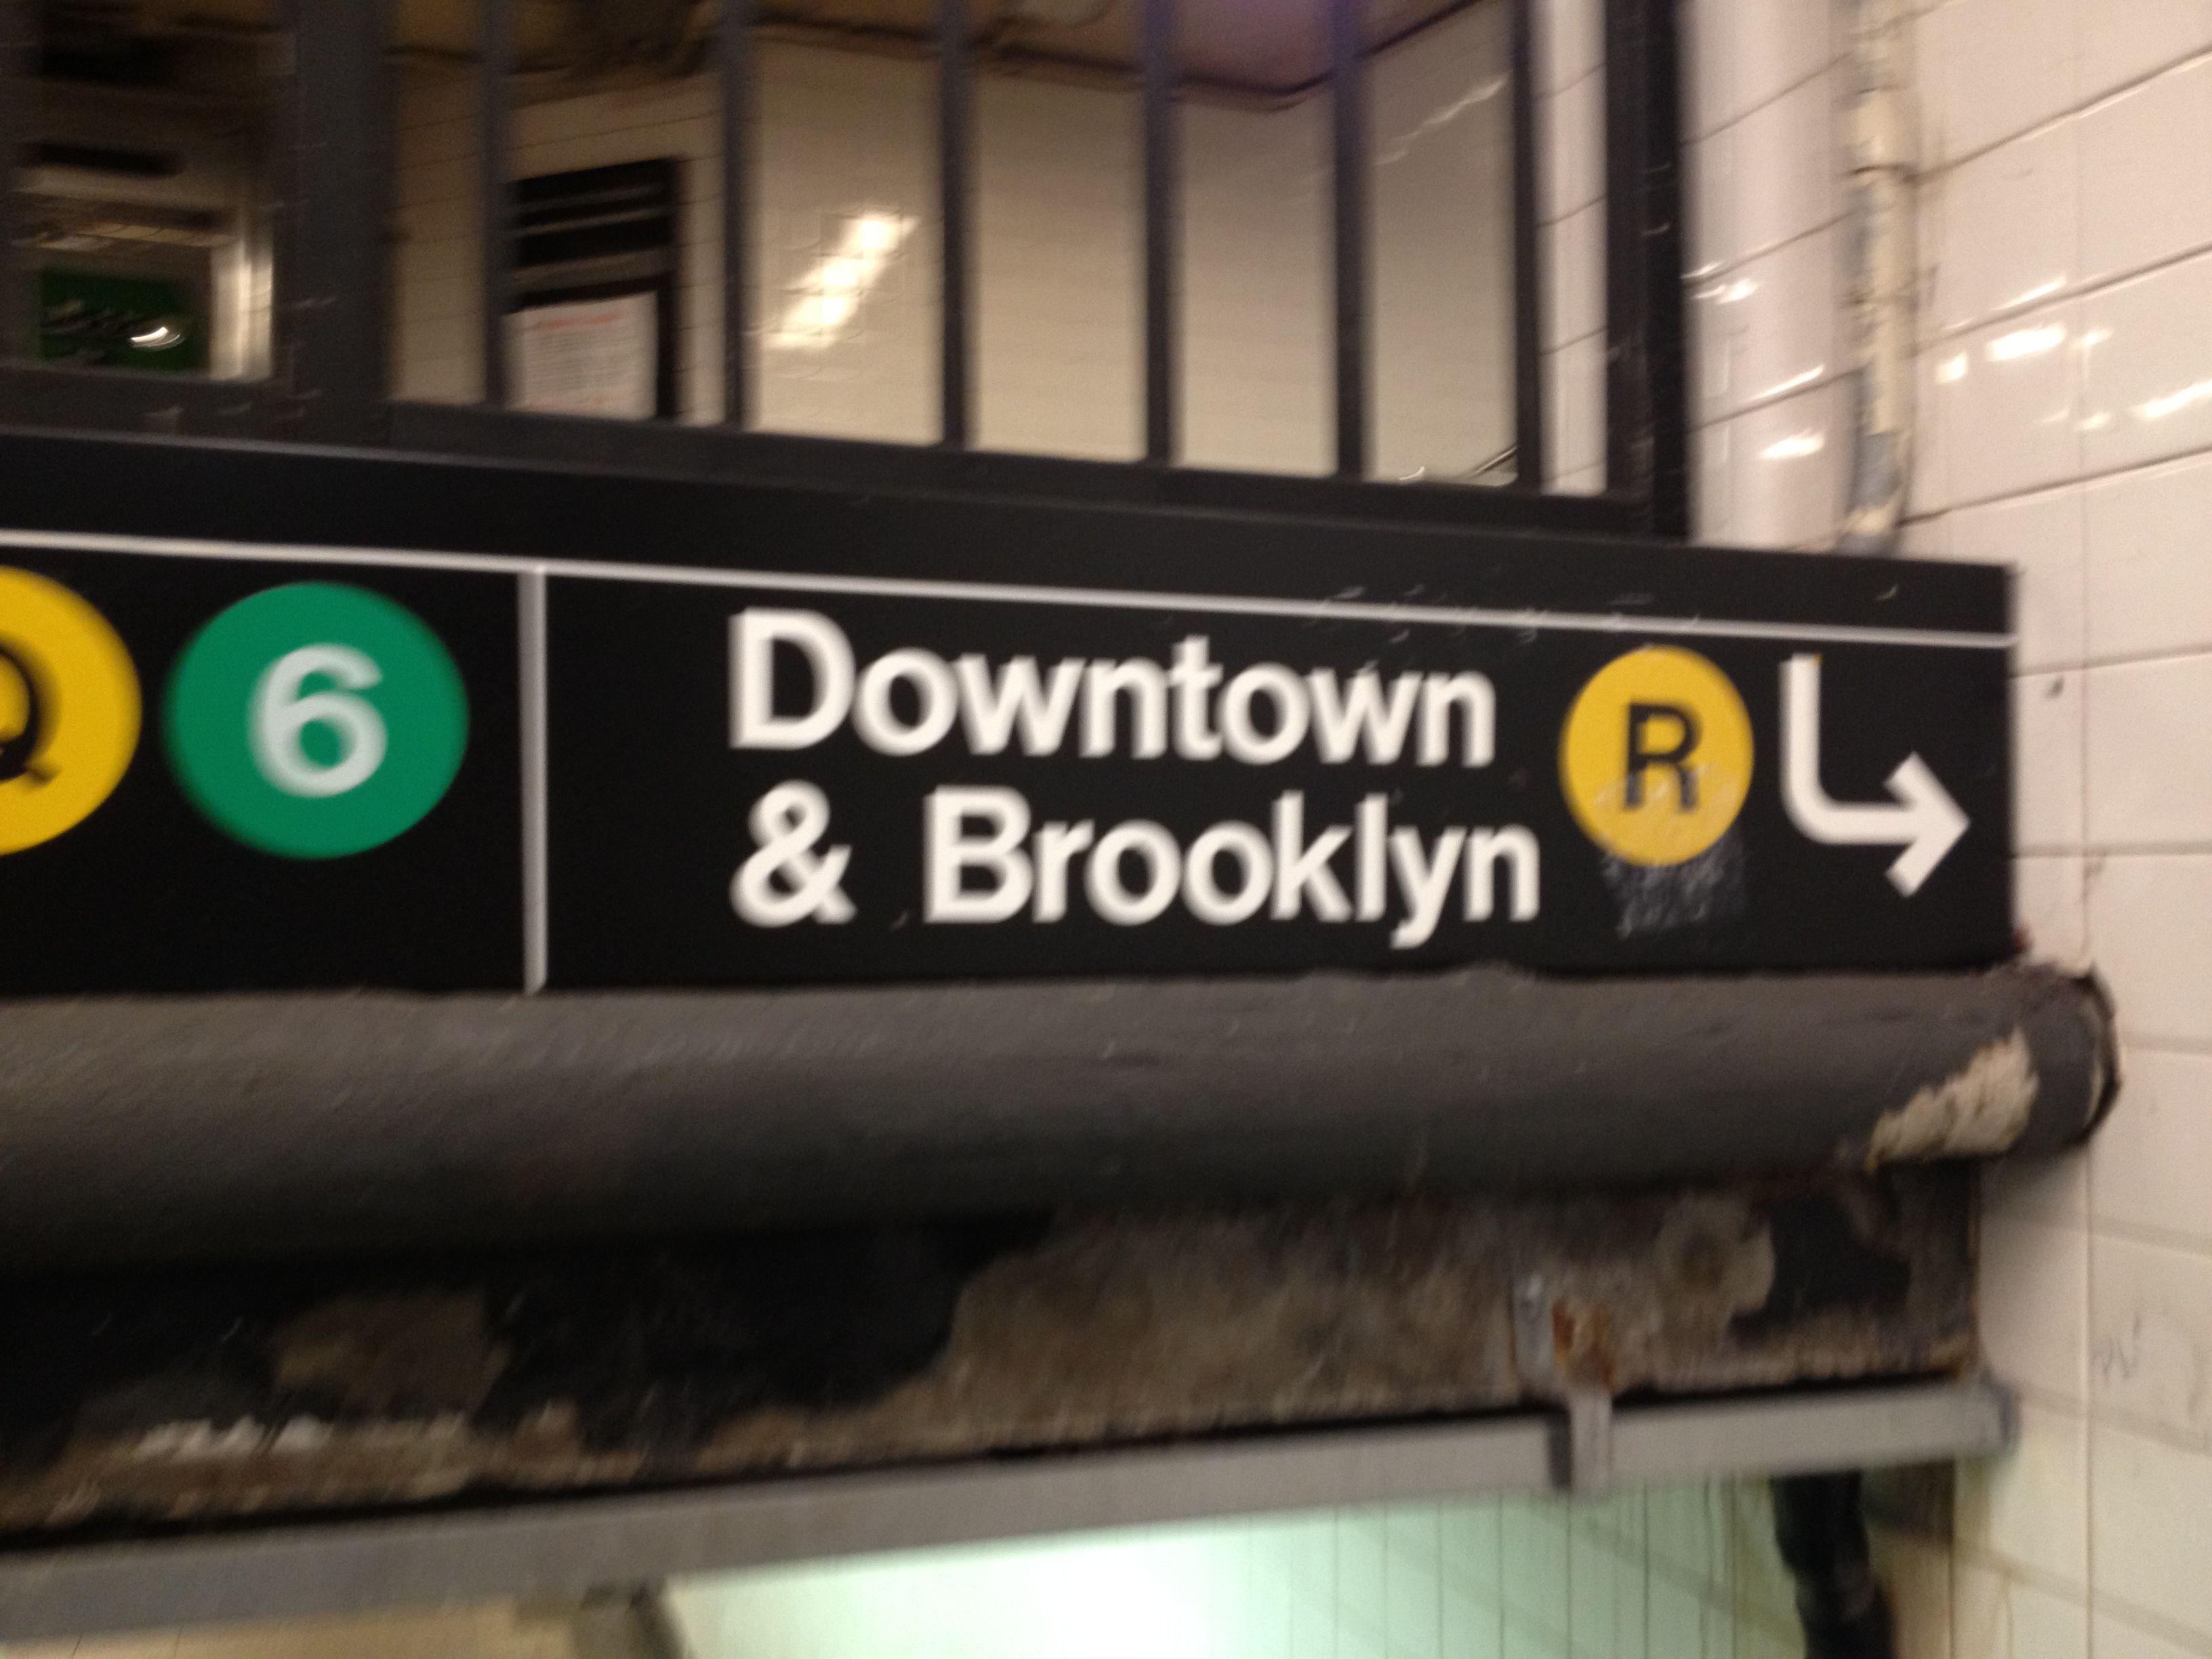 Subways!